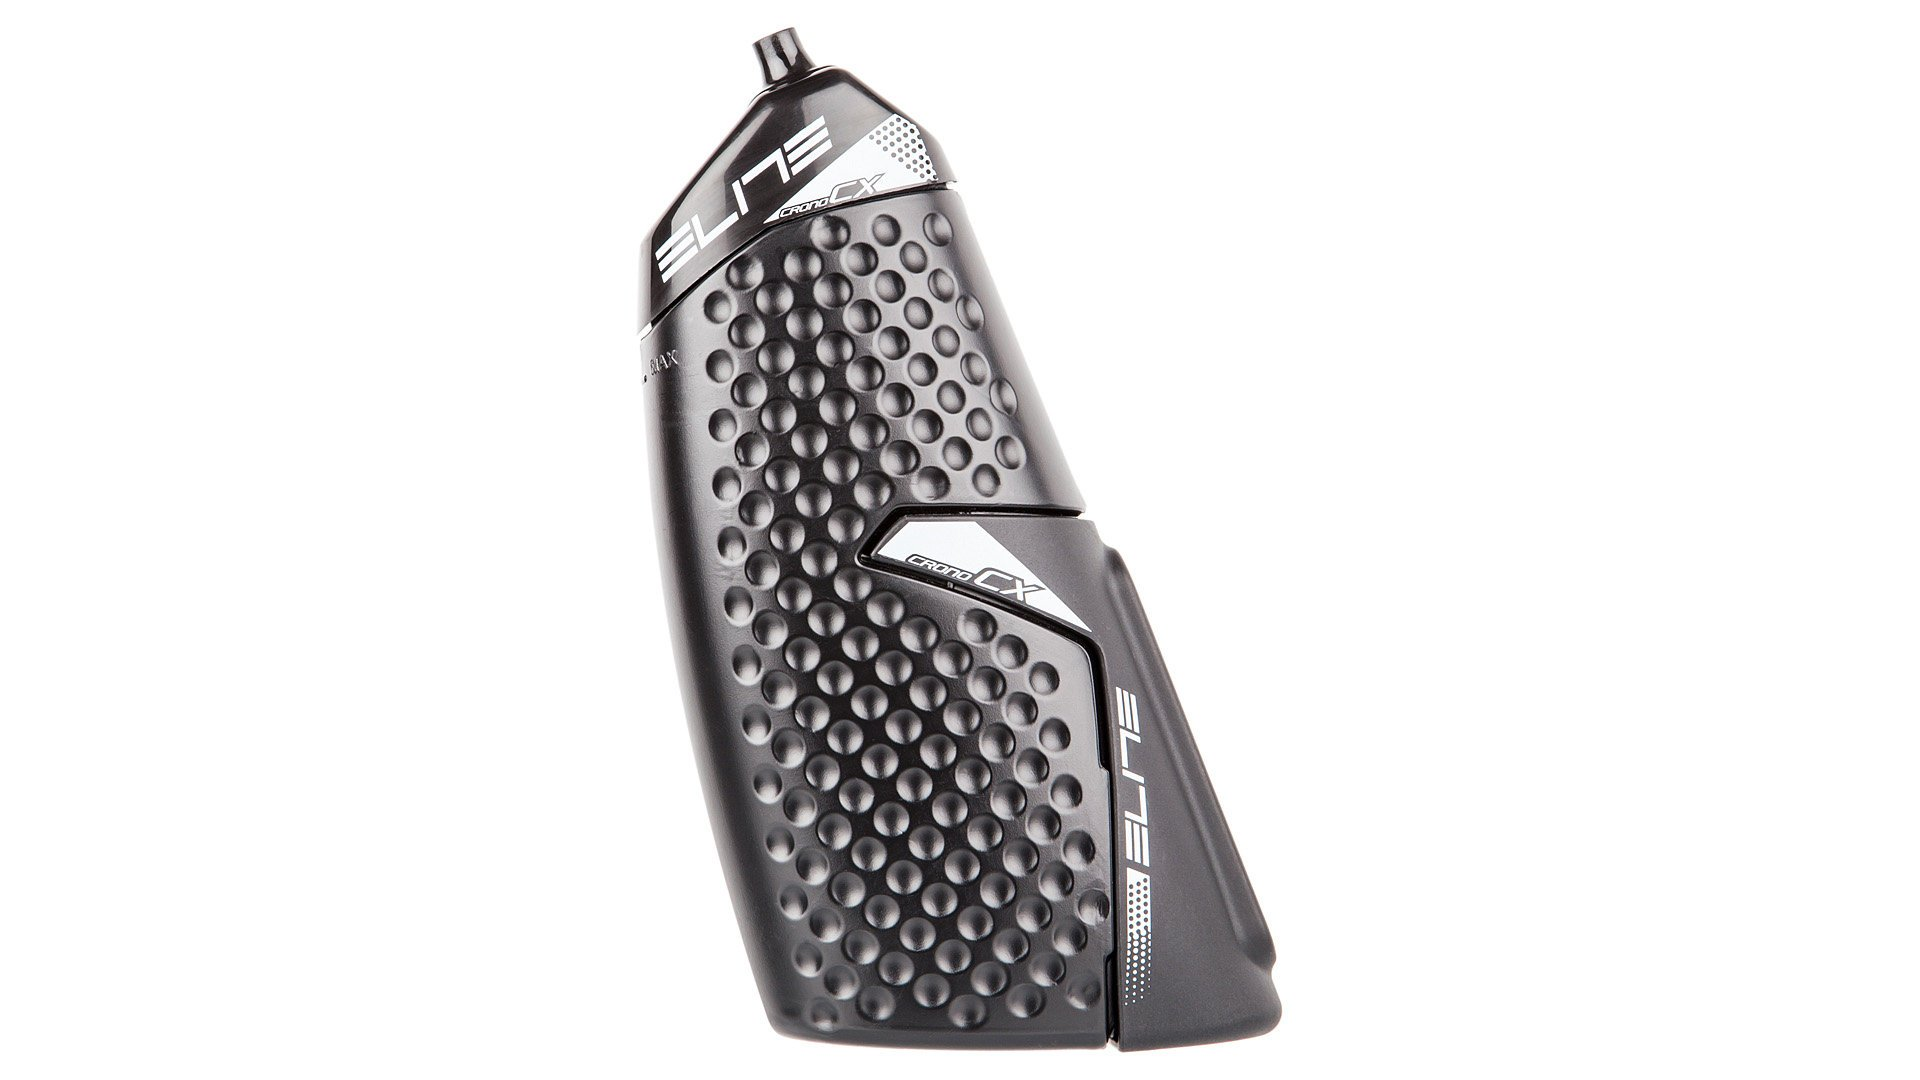 Elite Crono CX sæt med både flaskeholder og flaske fiber   item_misc